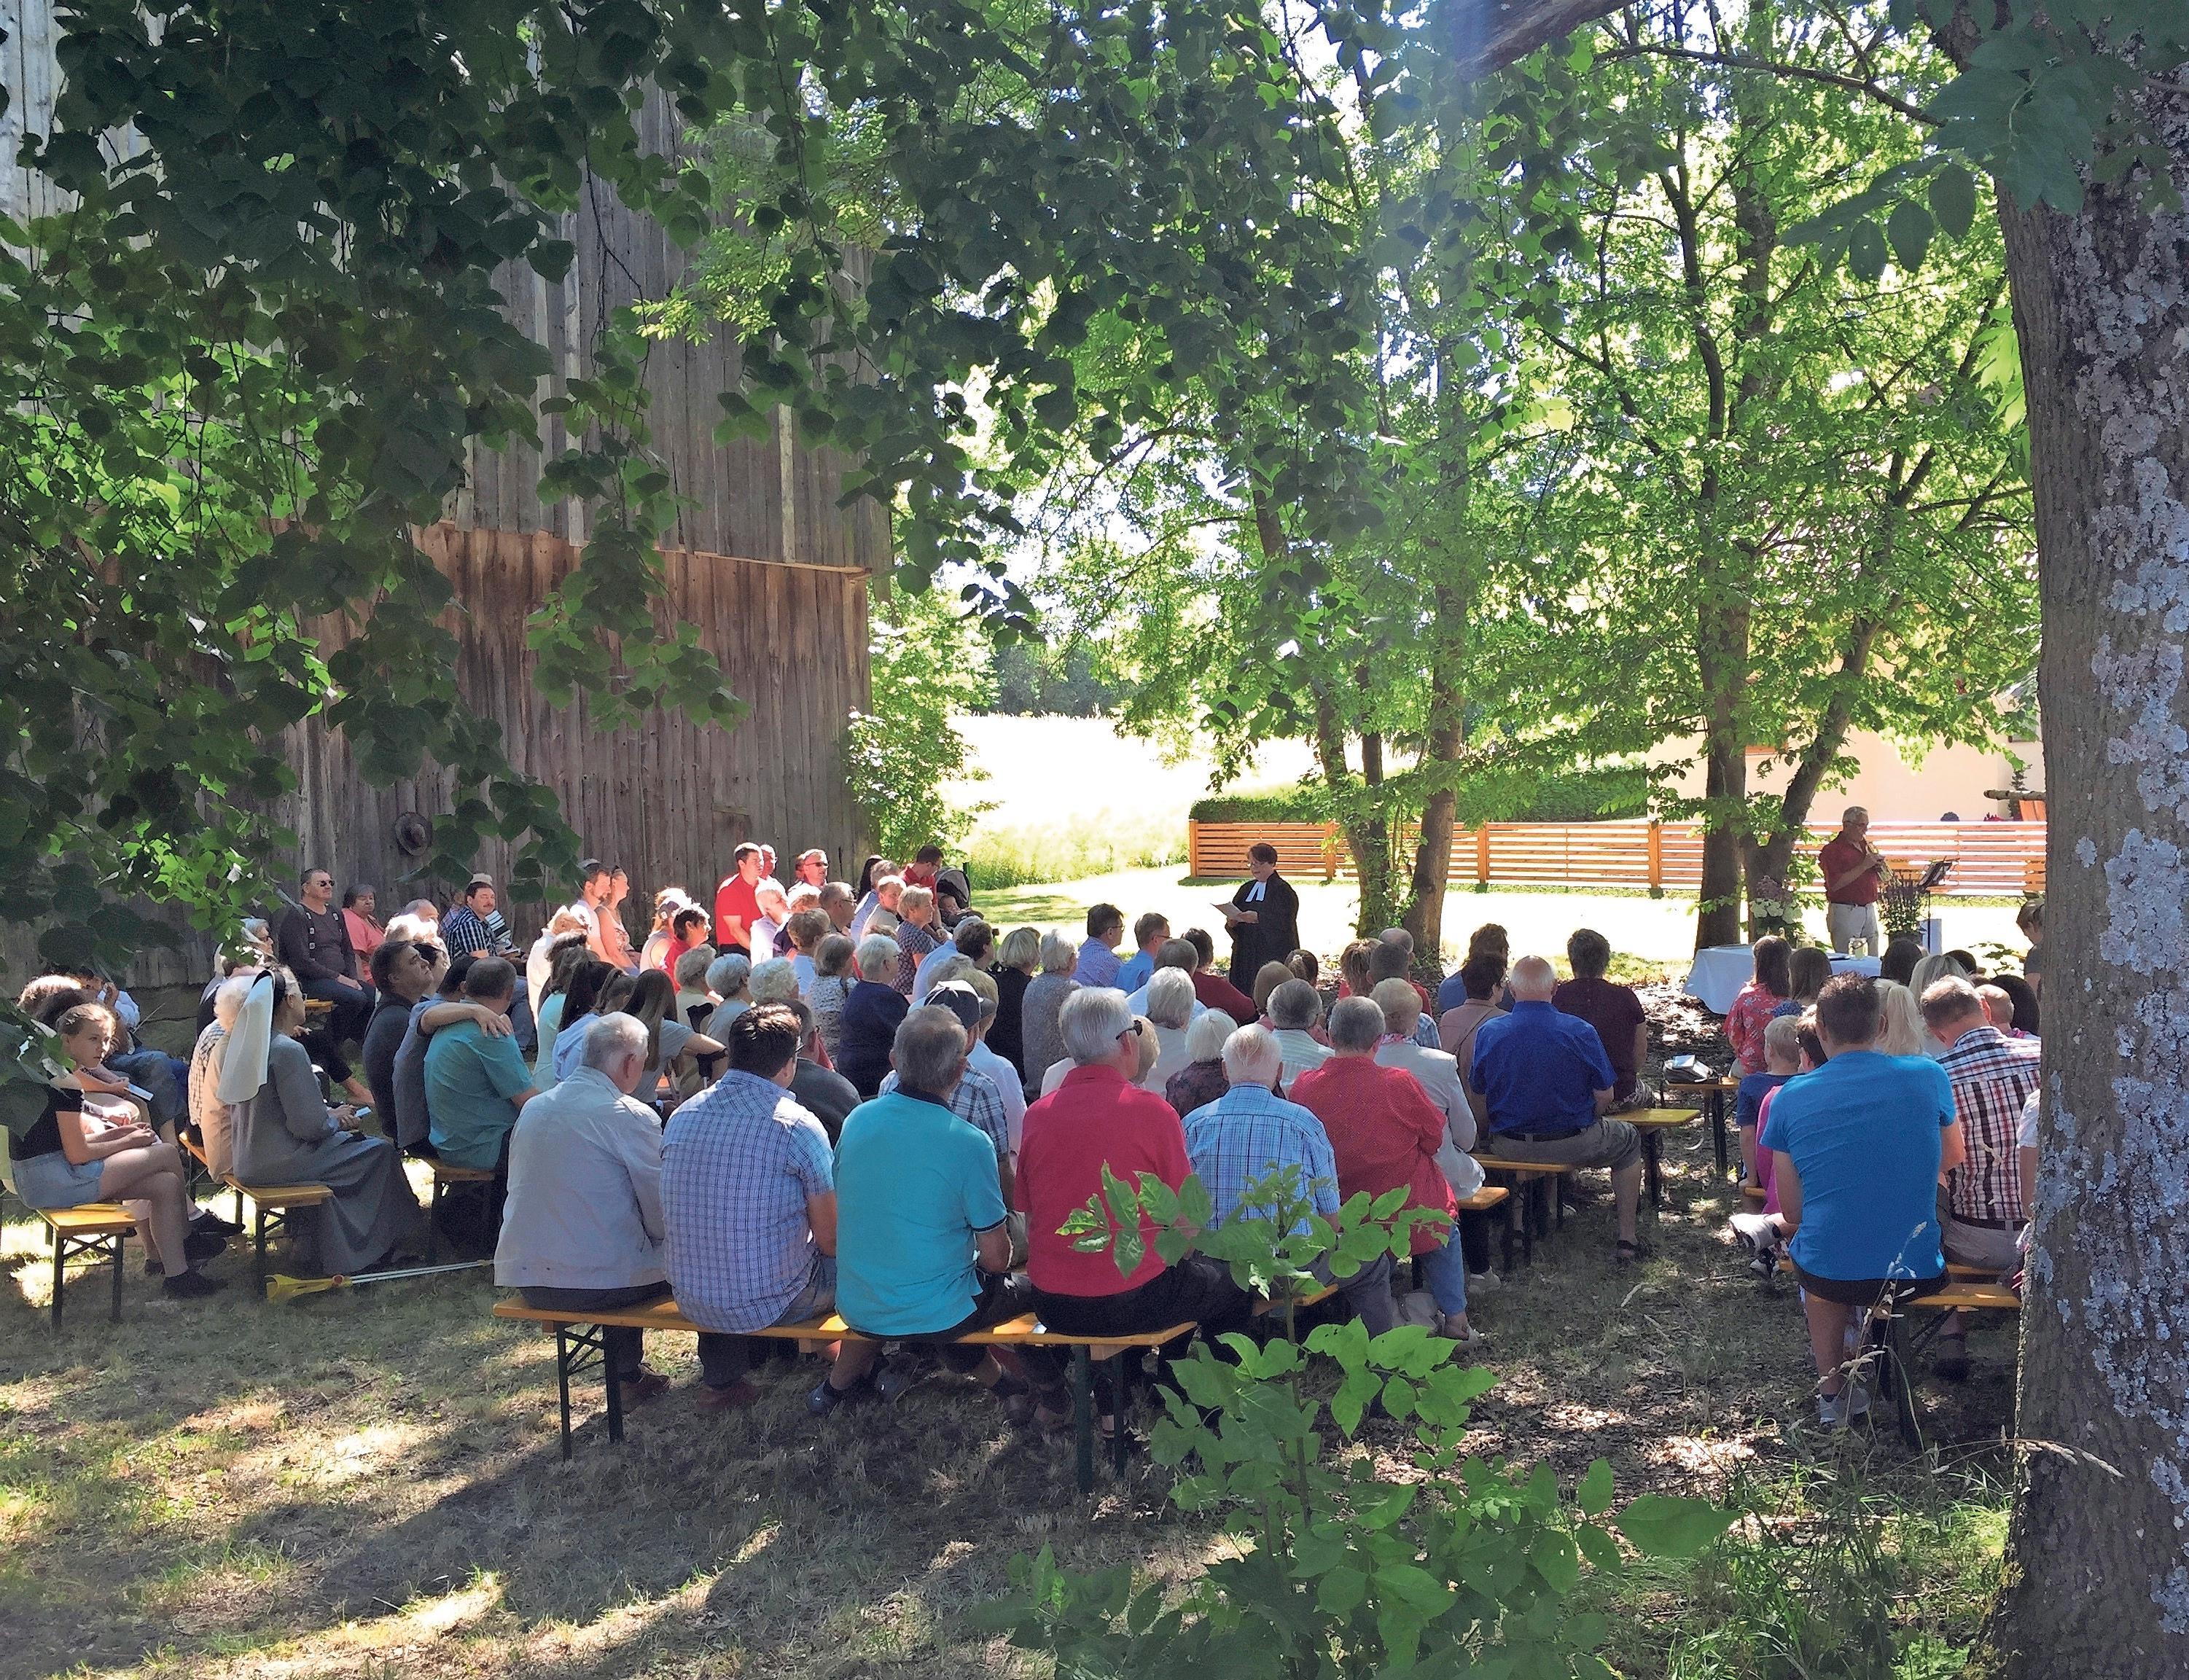 Der Gottesdienst, der bei schönem Wetter unter freiem Himmel stattfindet, ist jedes Jahr gut besucht. Foto: privat